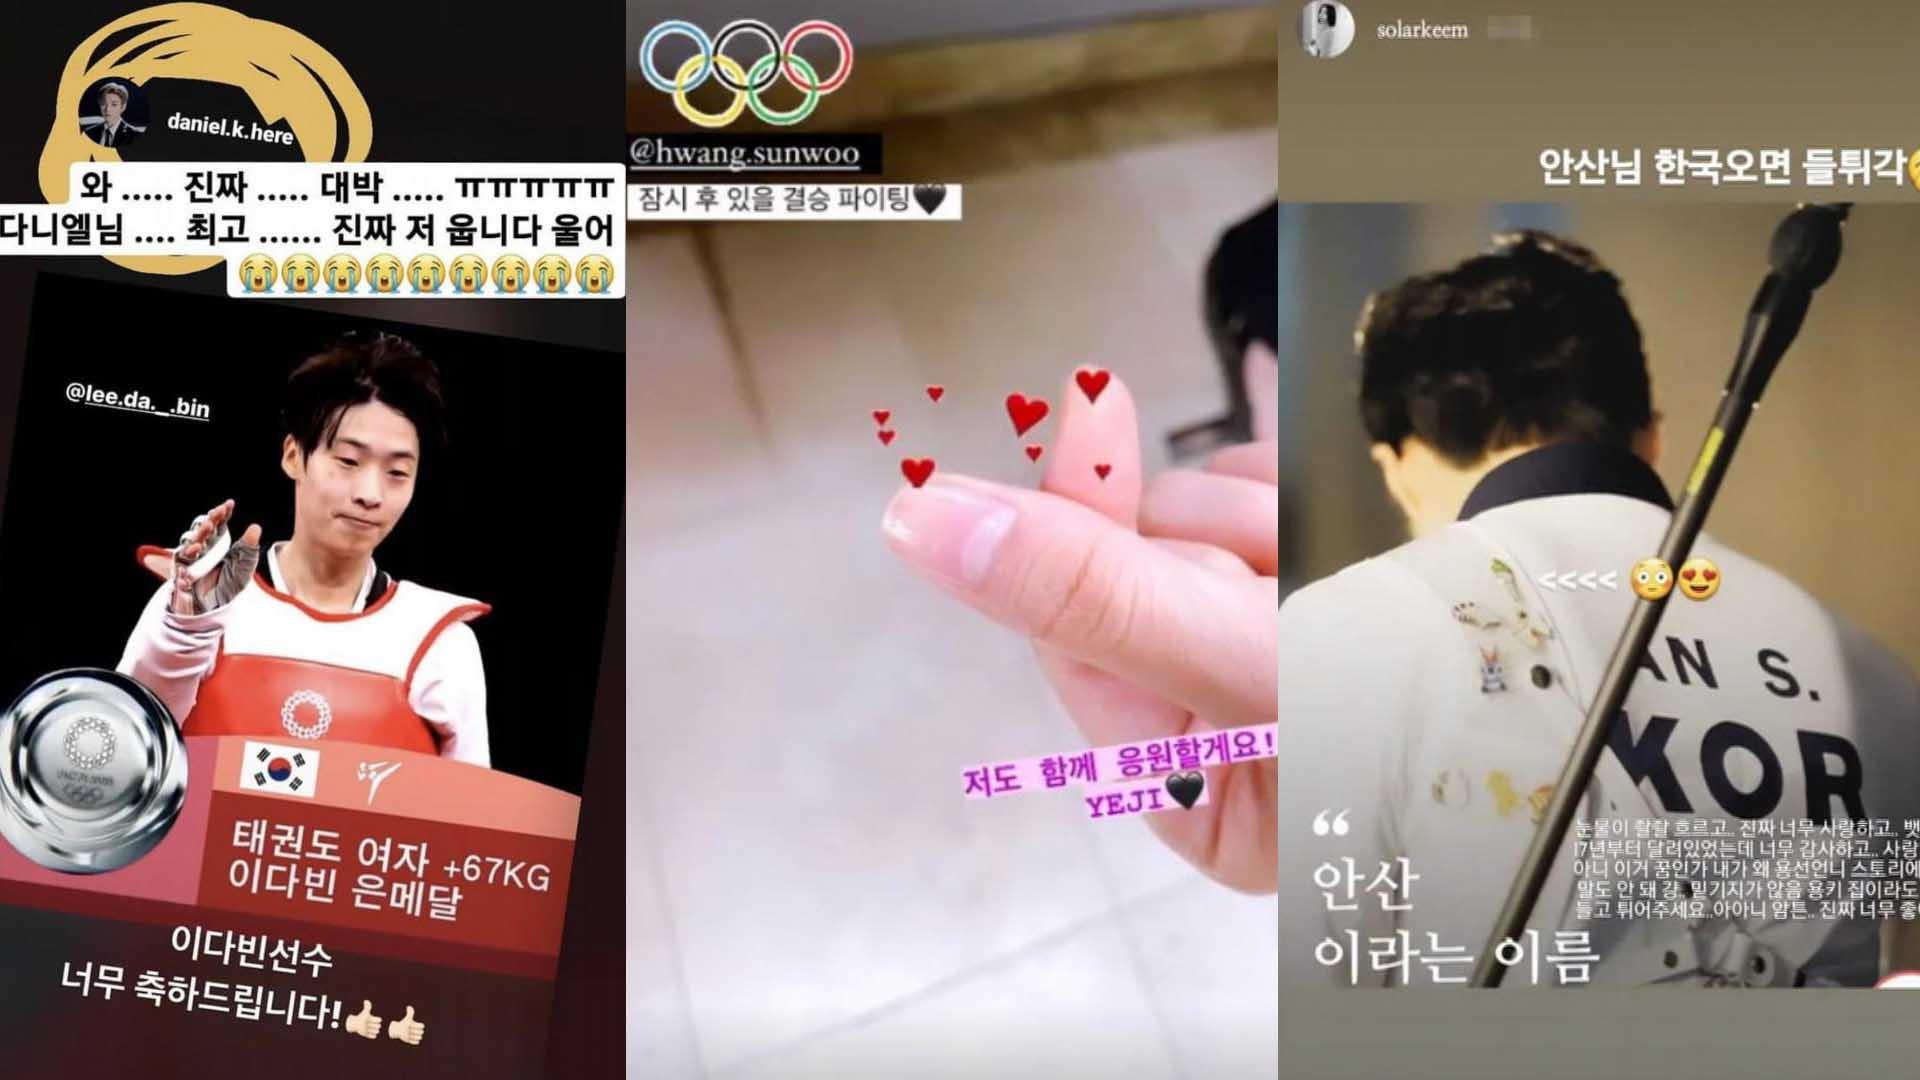 '올림픽의 별' 응원 나선 연예계 스타들